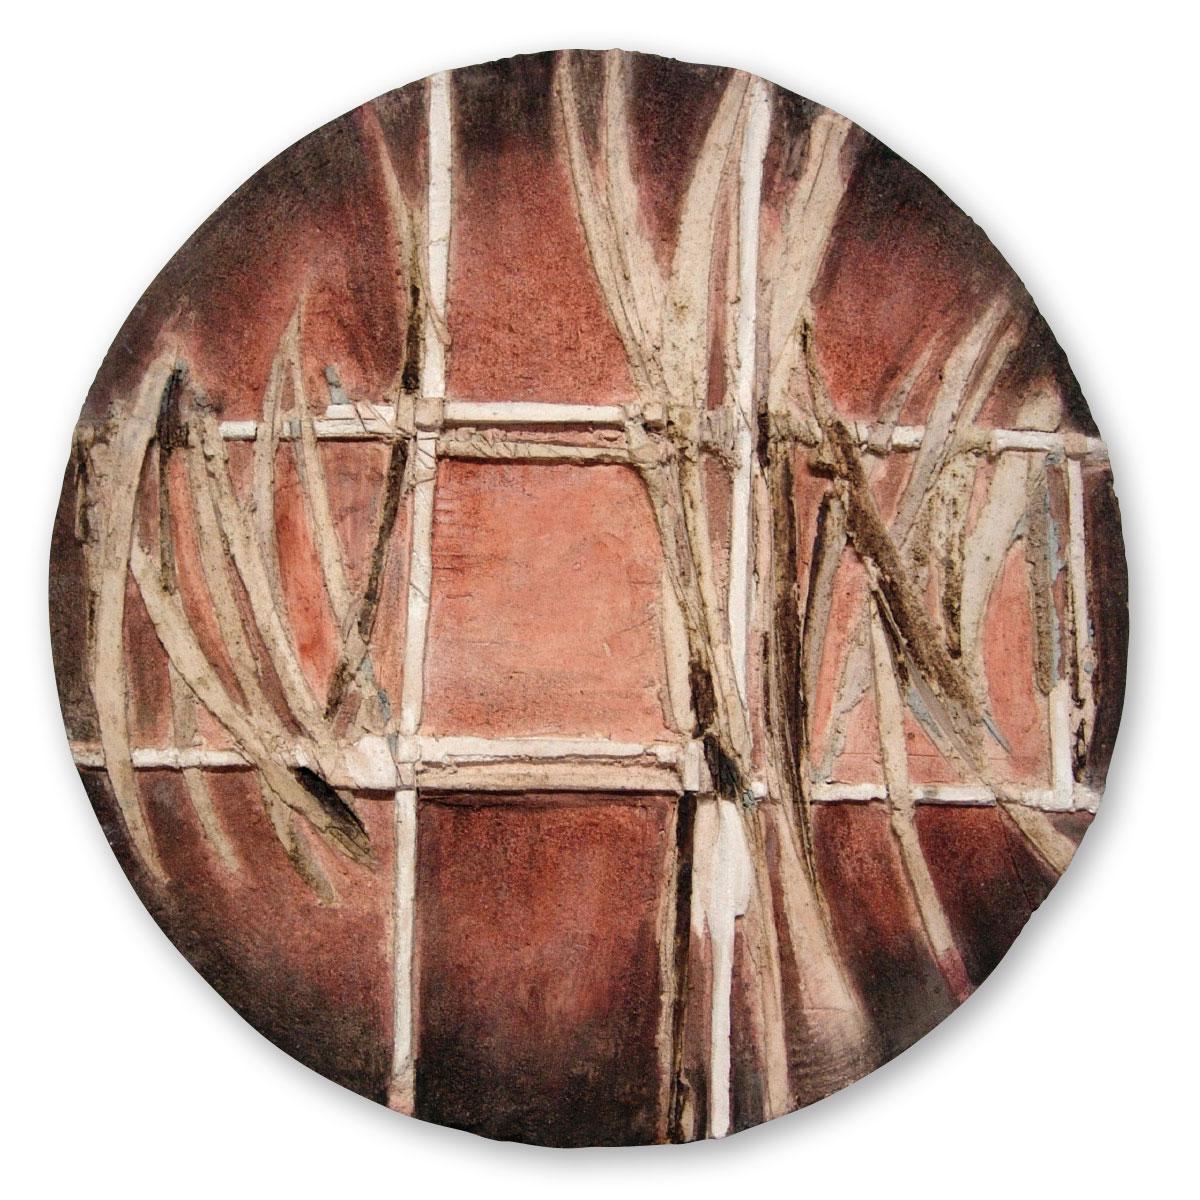 L'opera dell'artista Antonio Quattrini acquisita dal Museo a cielo aperto di Denice, dedicato alla ceramica contemporanea